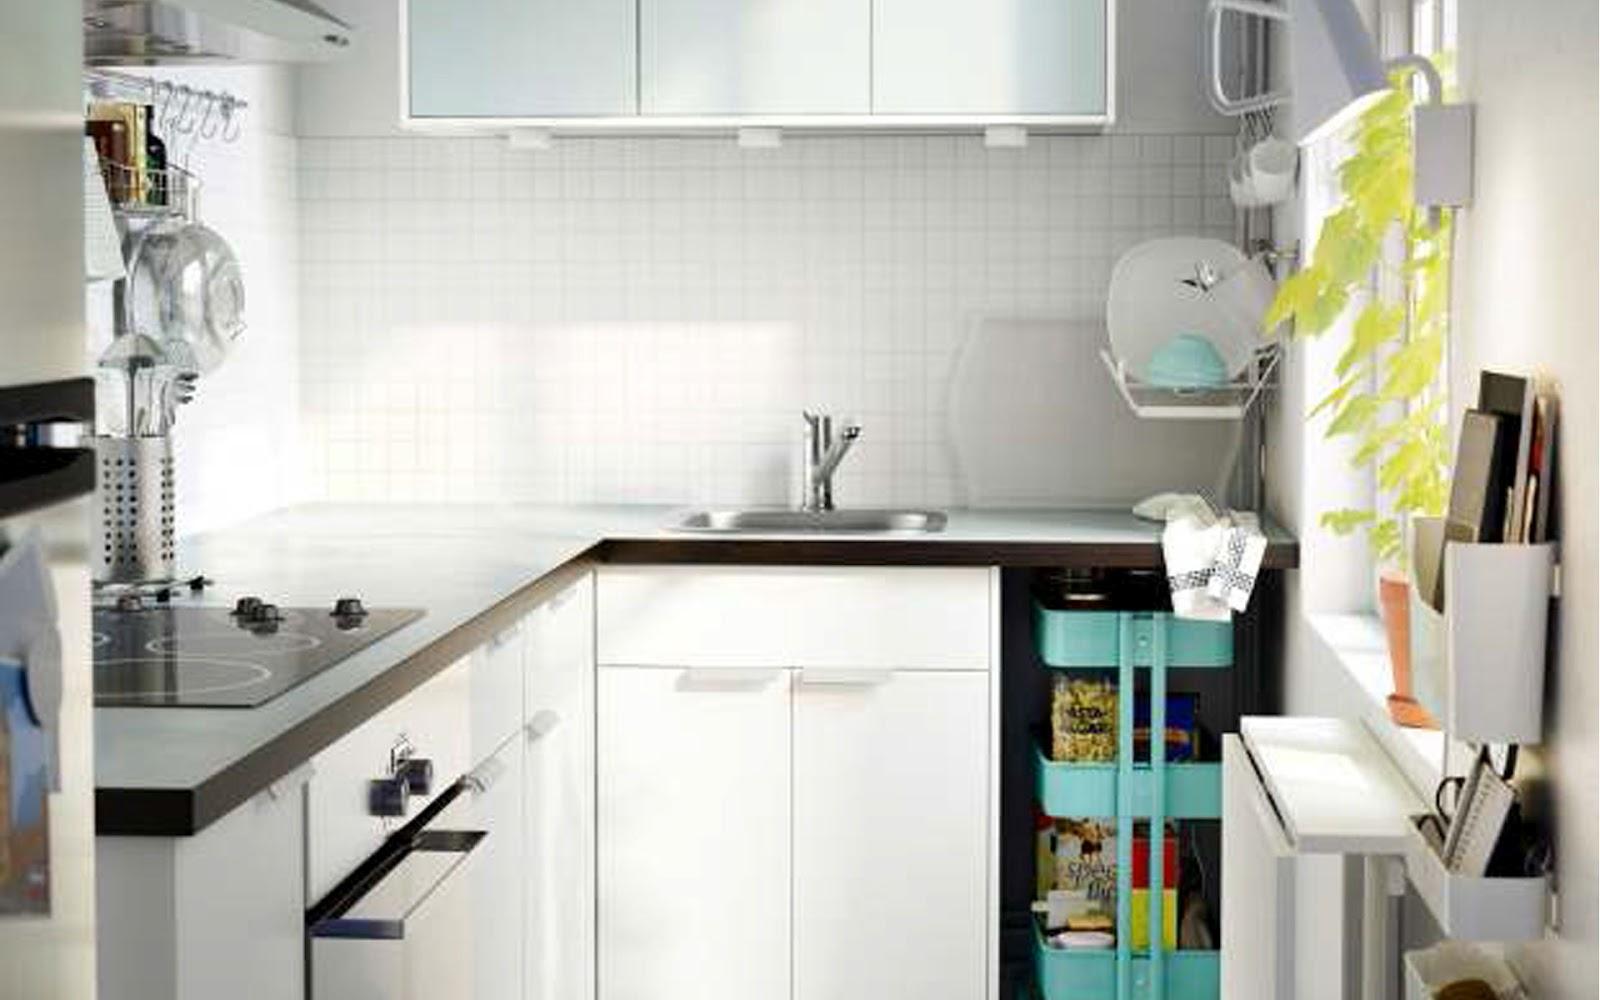 catalogo ikea2012 cozinhas %285%29.jpg #44807D 1600 1000